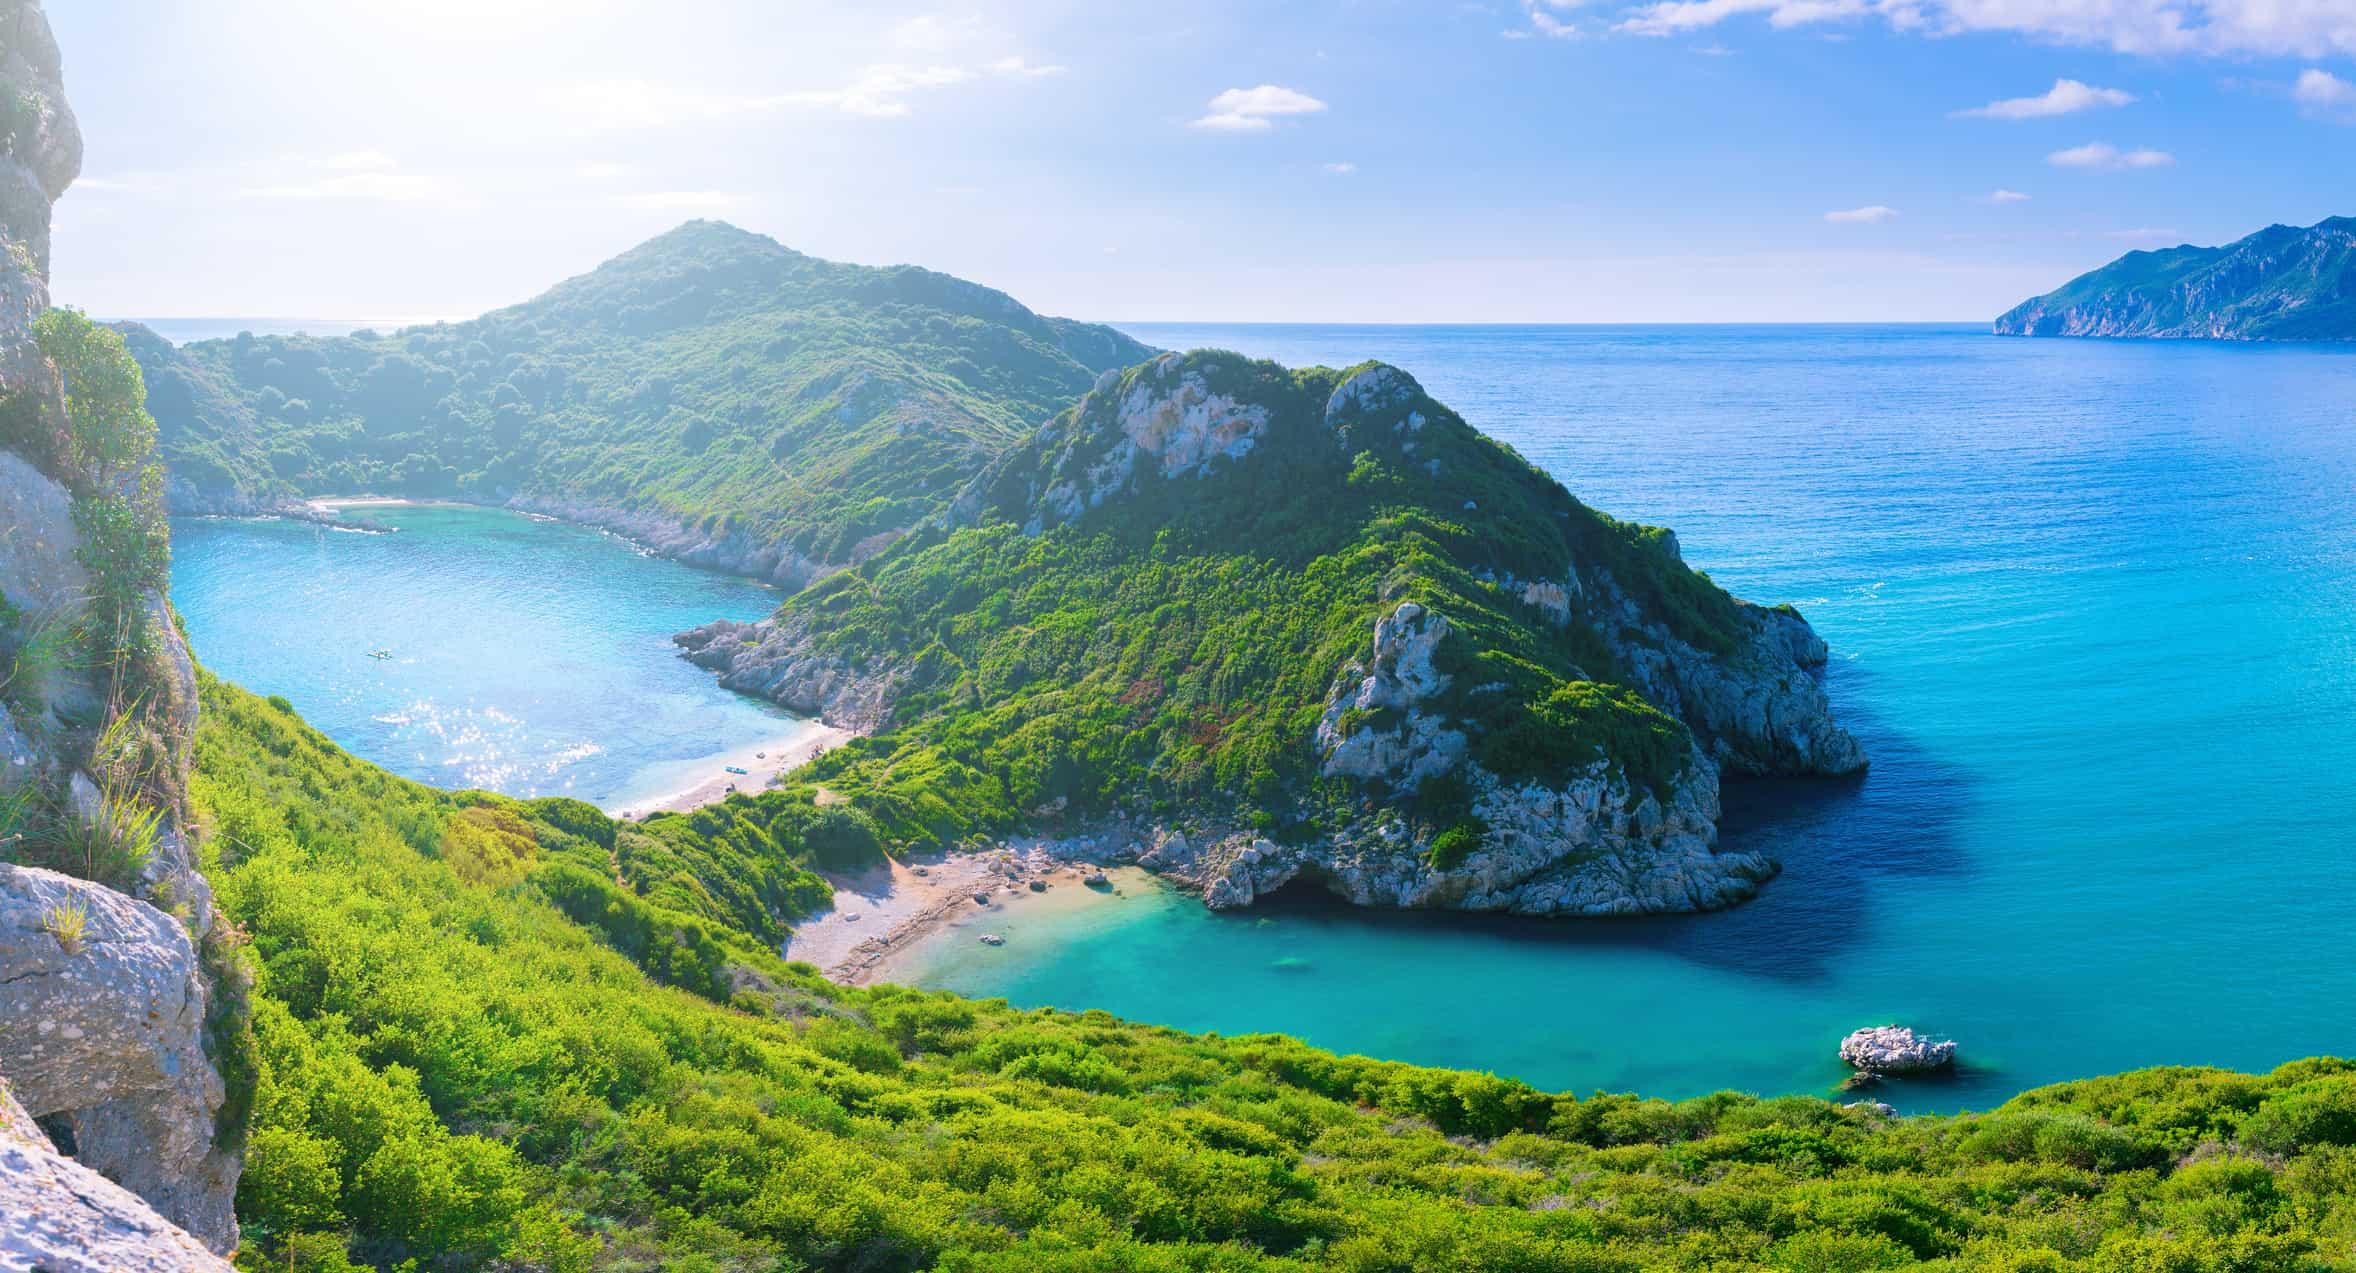 Agios Stefanos cape. Afionas. Corfu. Greece.